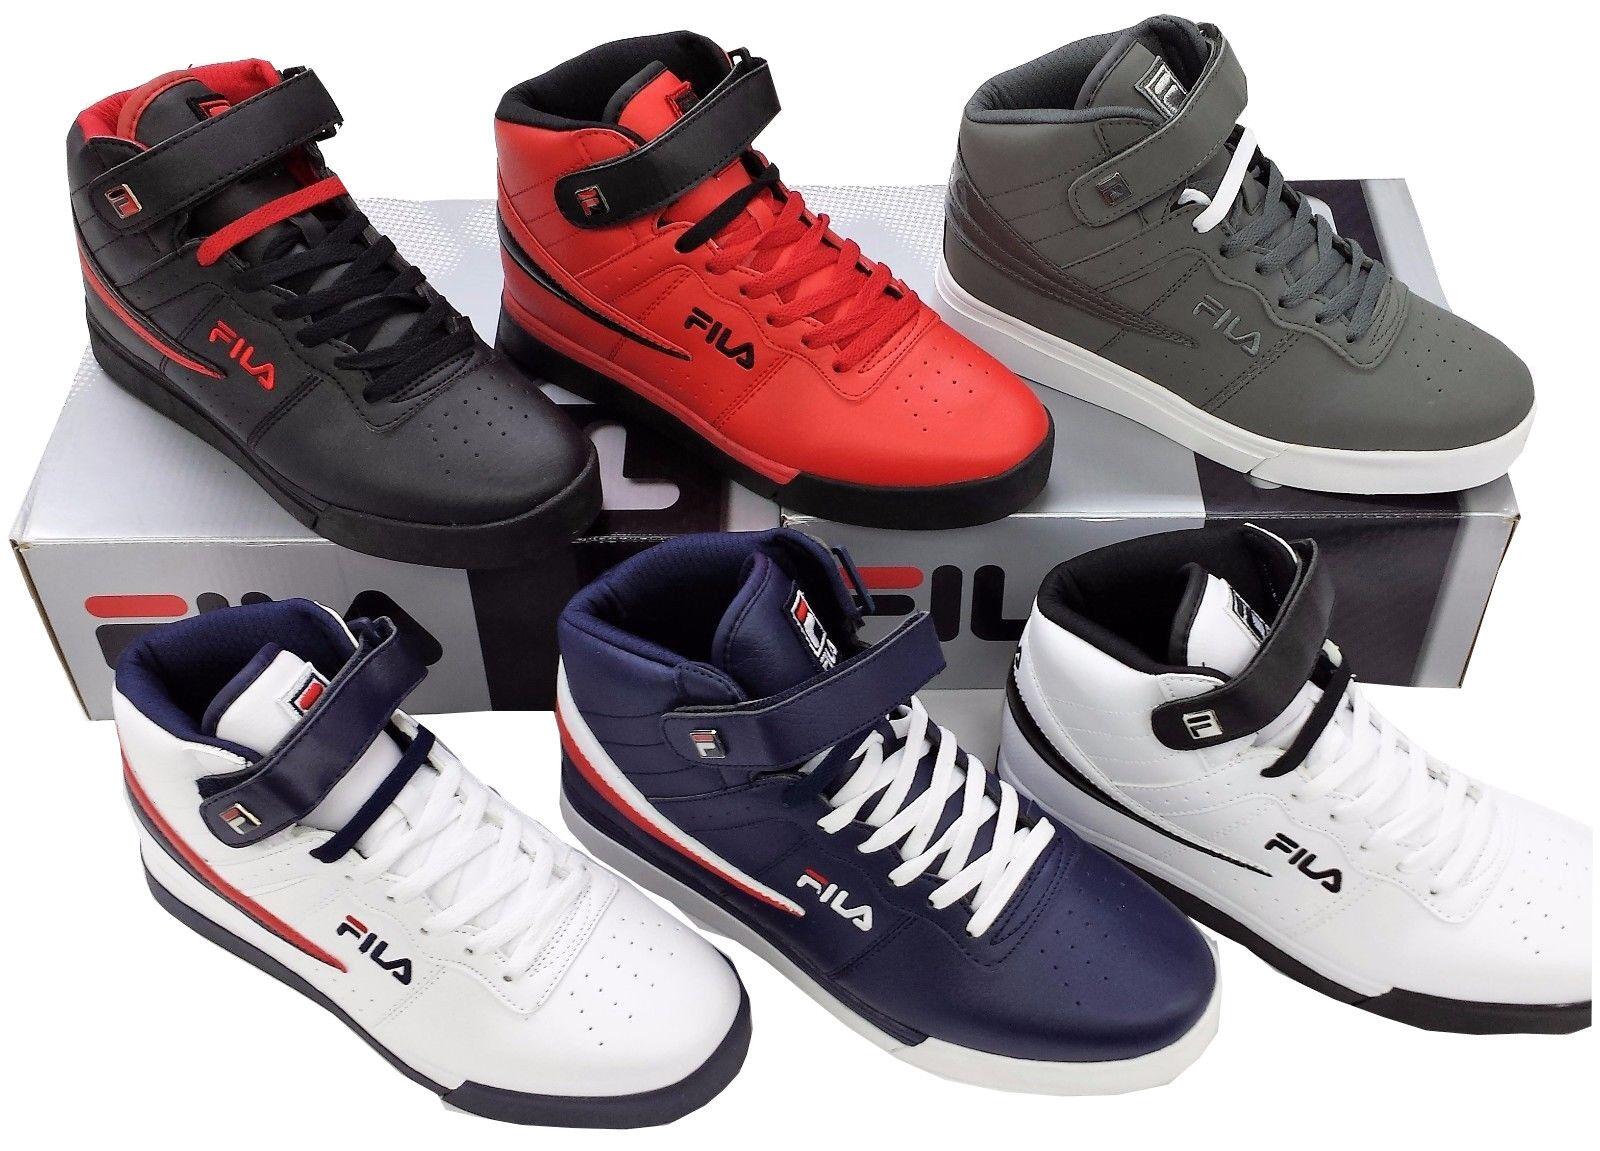 FILA Hi Top Men Athletic Basketball Sneaker - VULC 13 MID PLUS  - $34.99